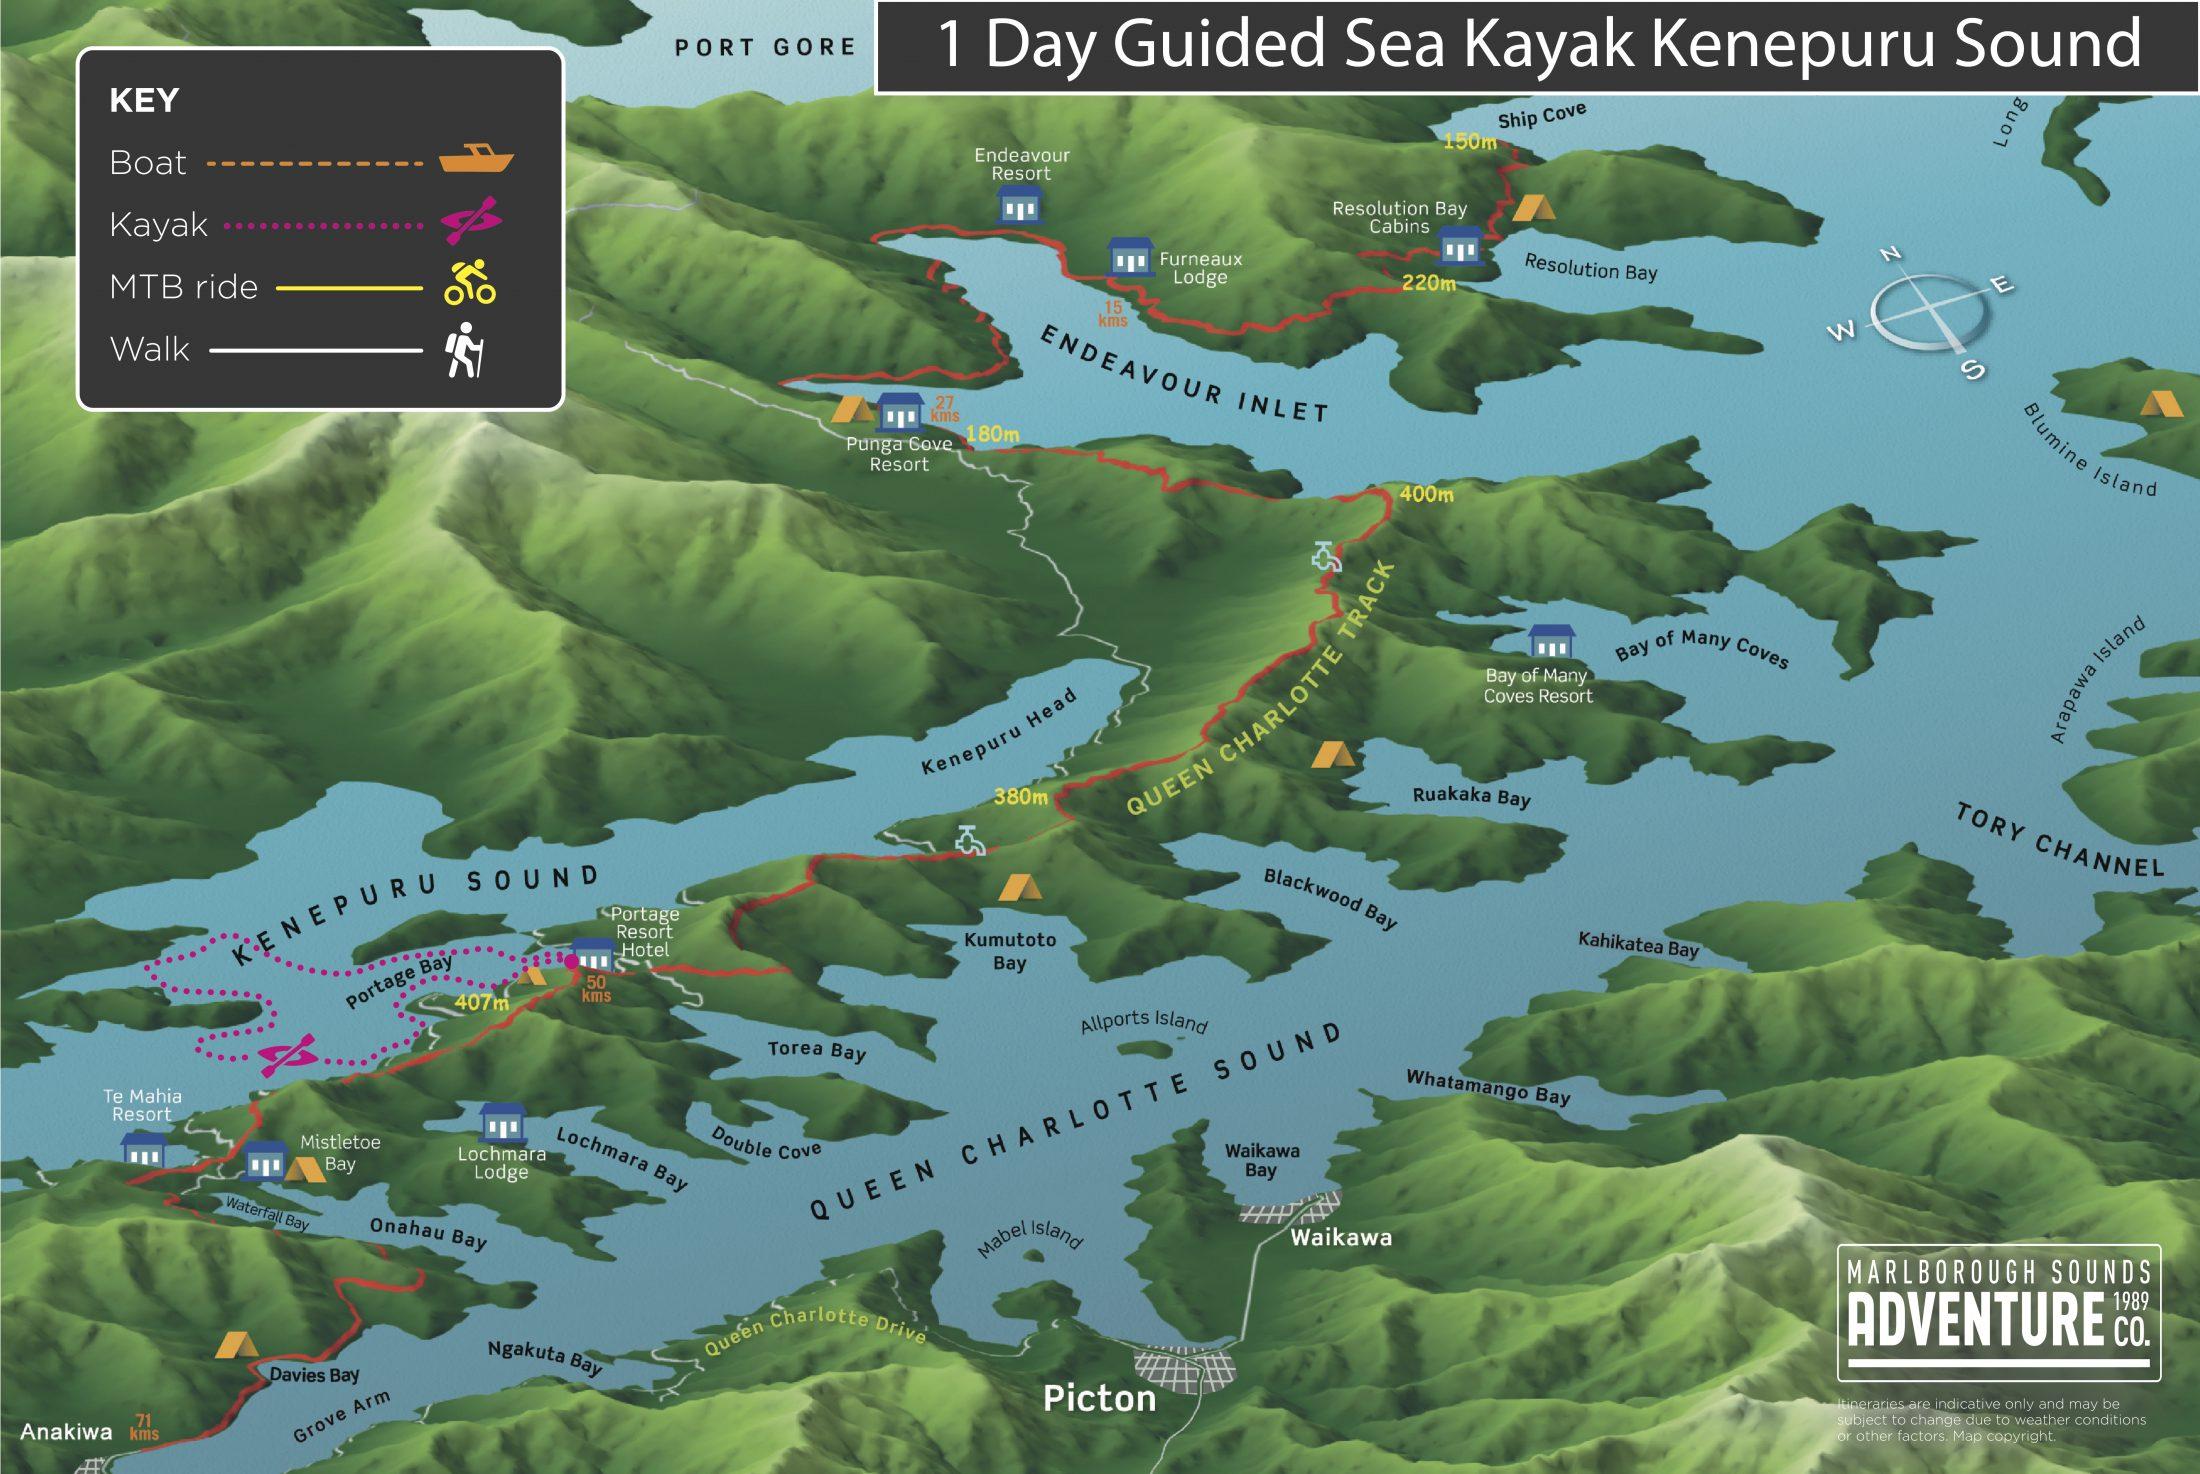 Sea kayaking guided day trip on Kenepuru Sound